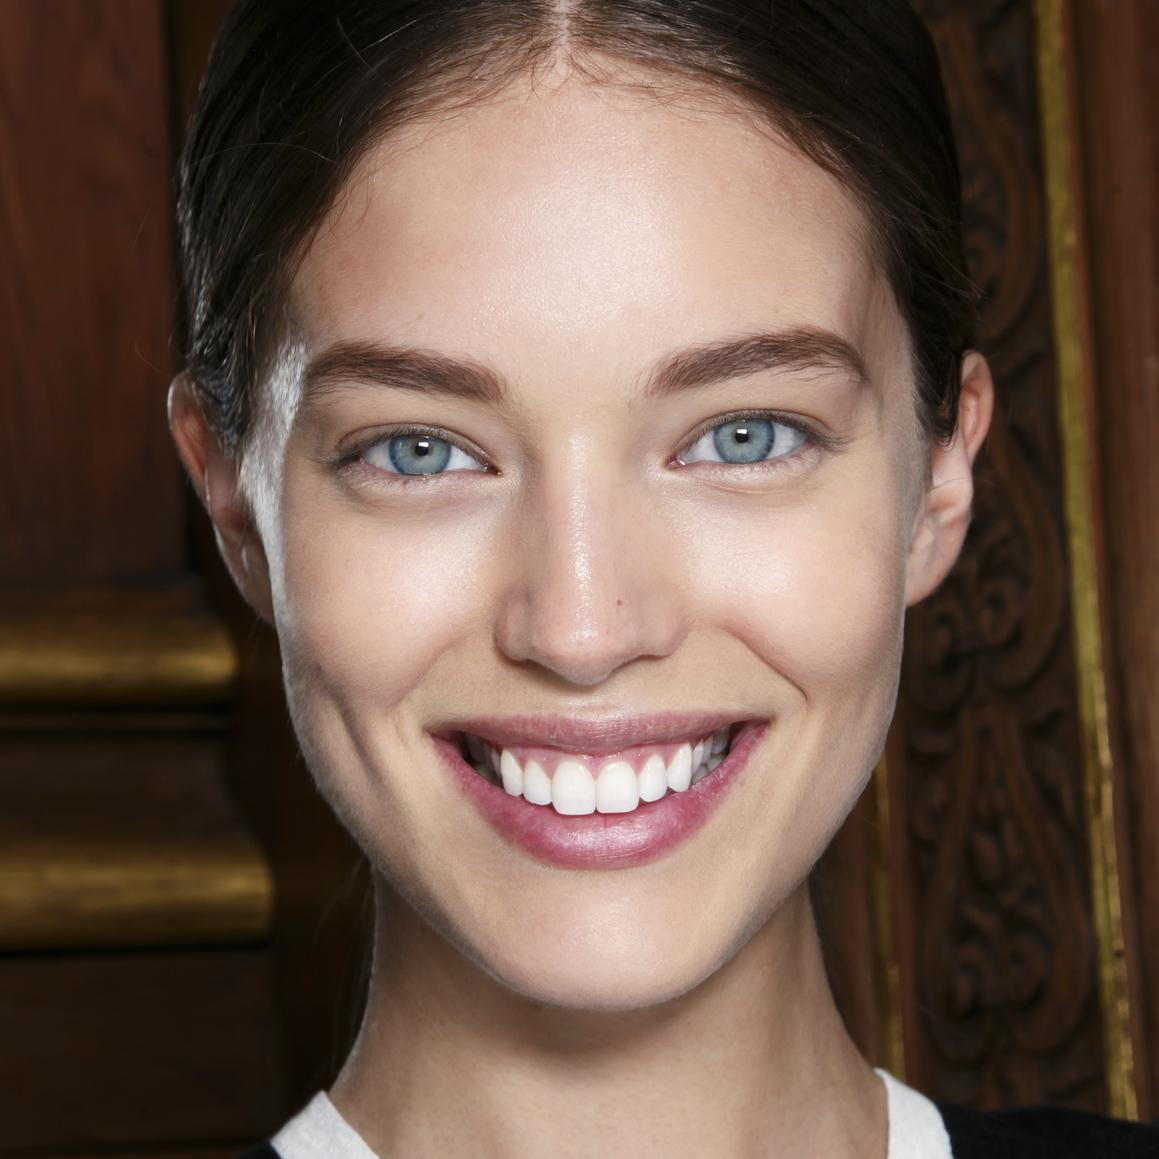 La pigmentation de la peau dans les coins des lèvres